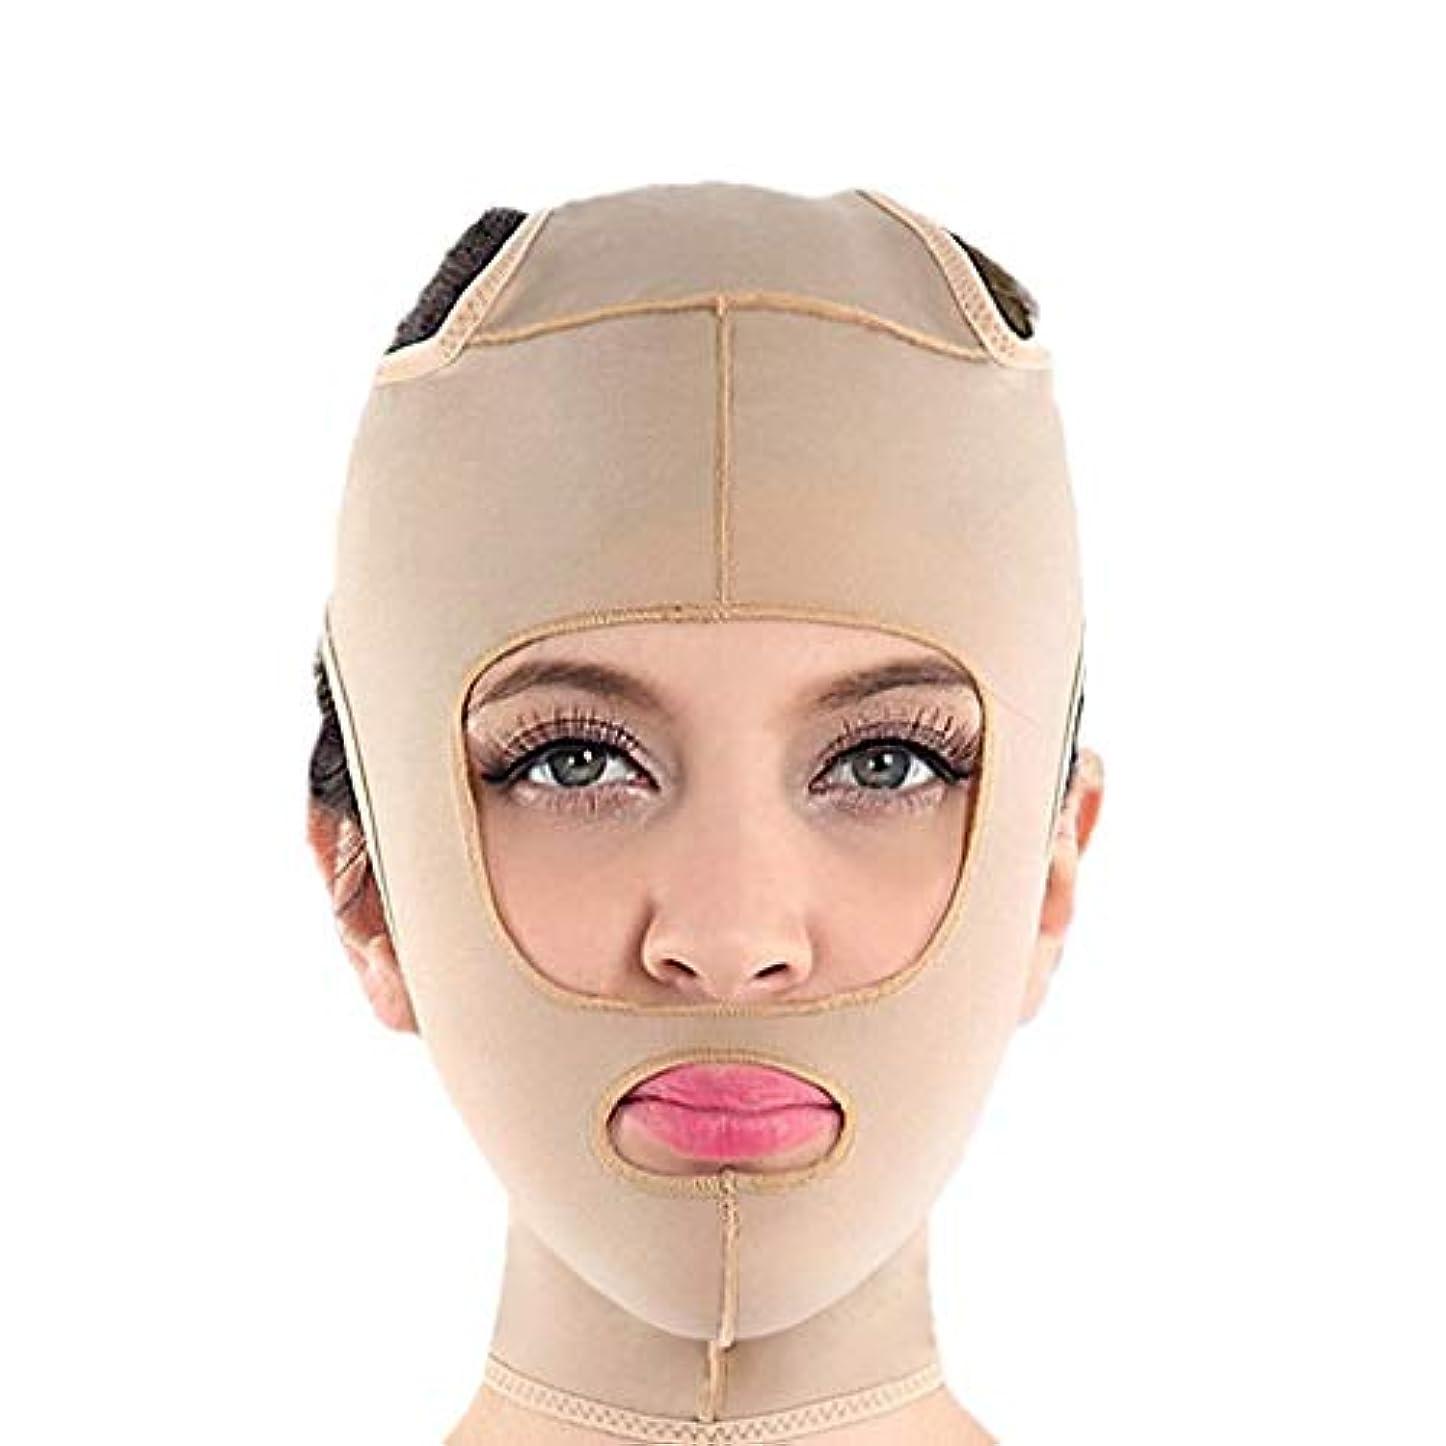 救い急流路面電車フェイスリフティング、ダブルチンストラップ、フェイシャル減量マスク、ダブルチンを減らすリフティングヌードル、ファーミングフェイス、パワフルリフティングマスク(サイズ:M),M